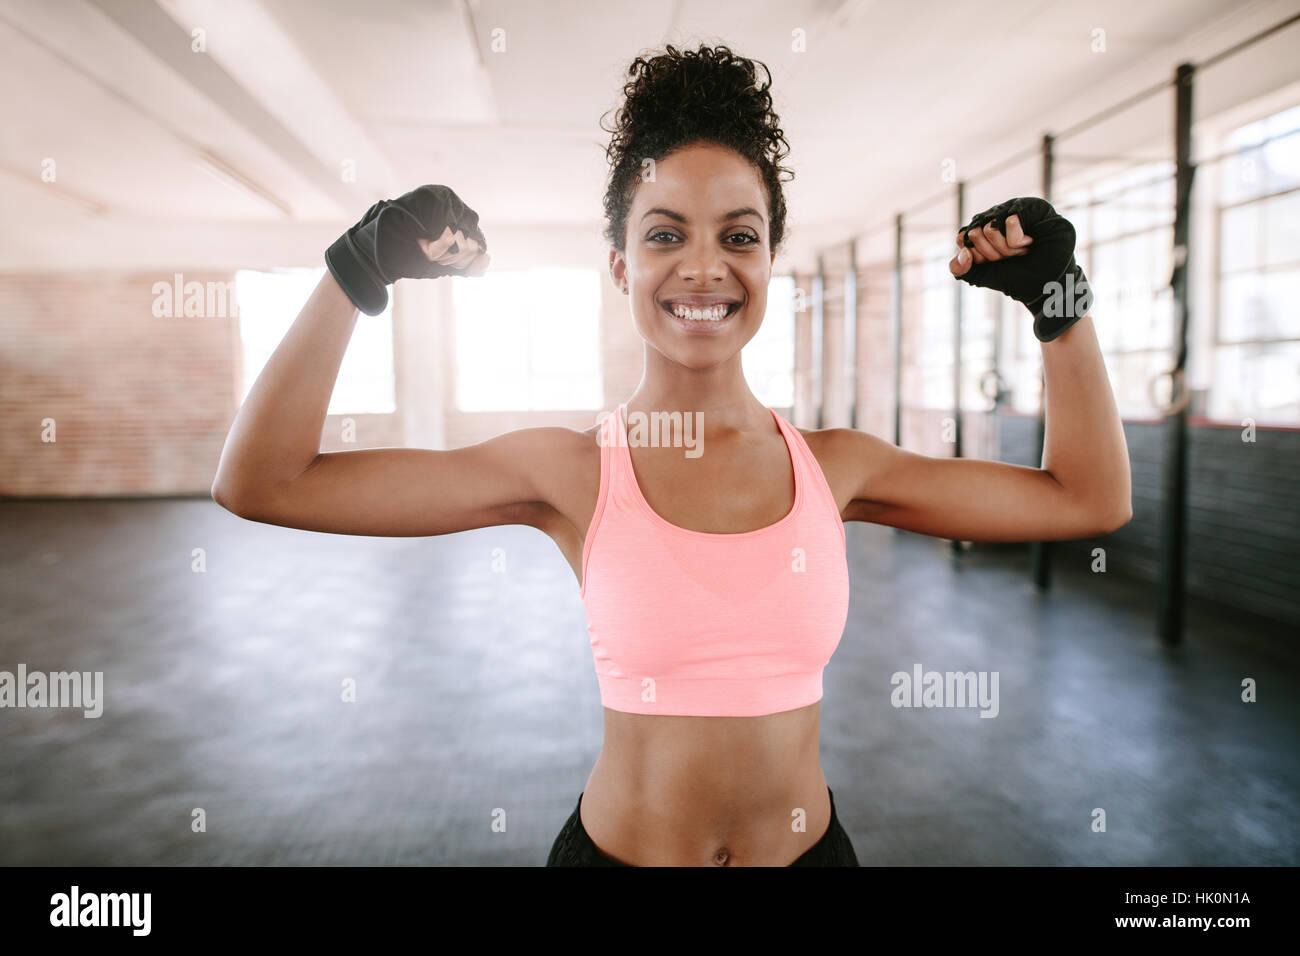 Portrait of young woman flexing muscles et remise en forme de sourire. Modèle féminin en Afrique sportswear Photo Stock